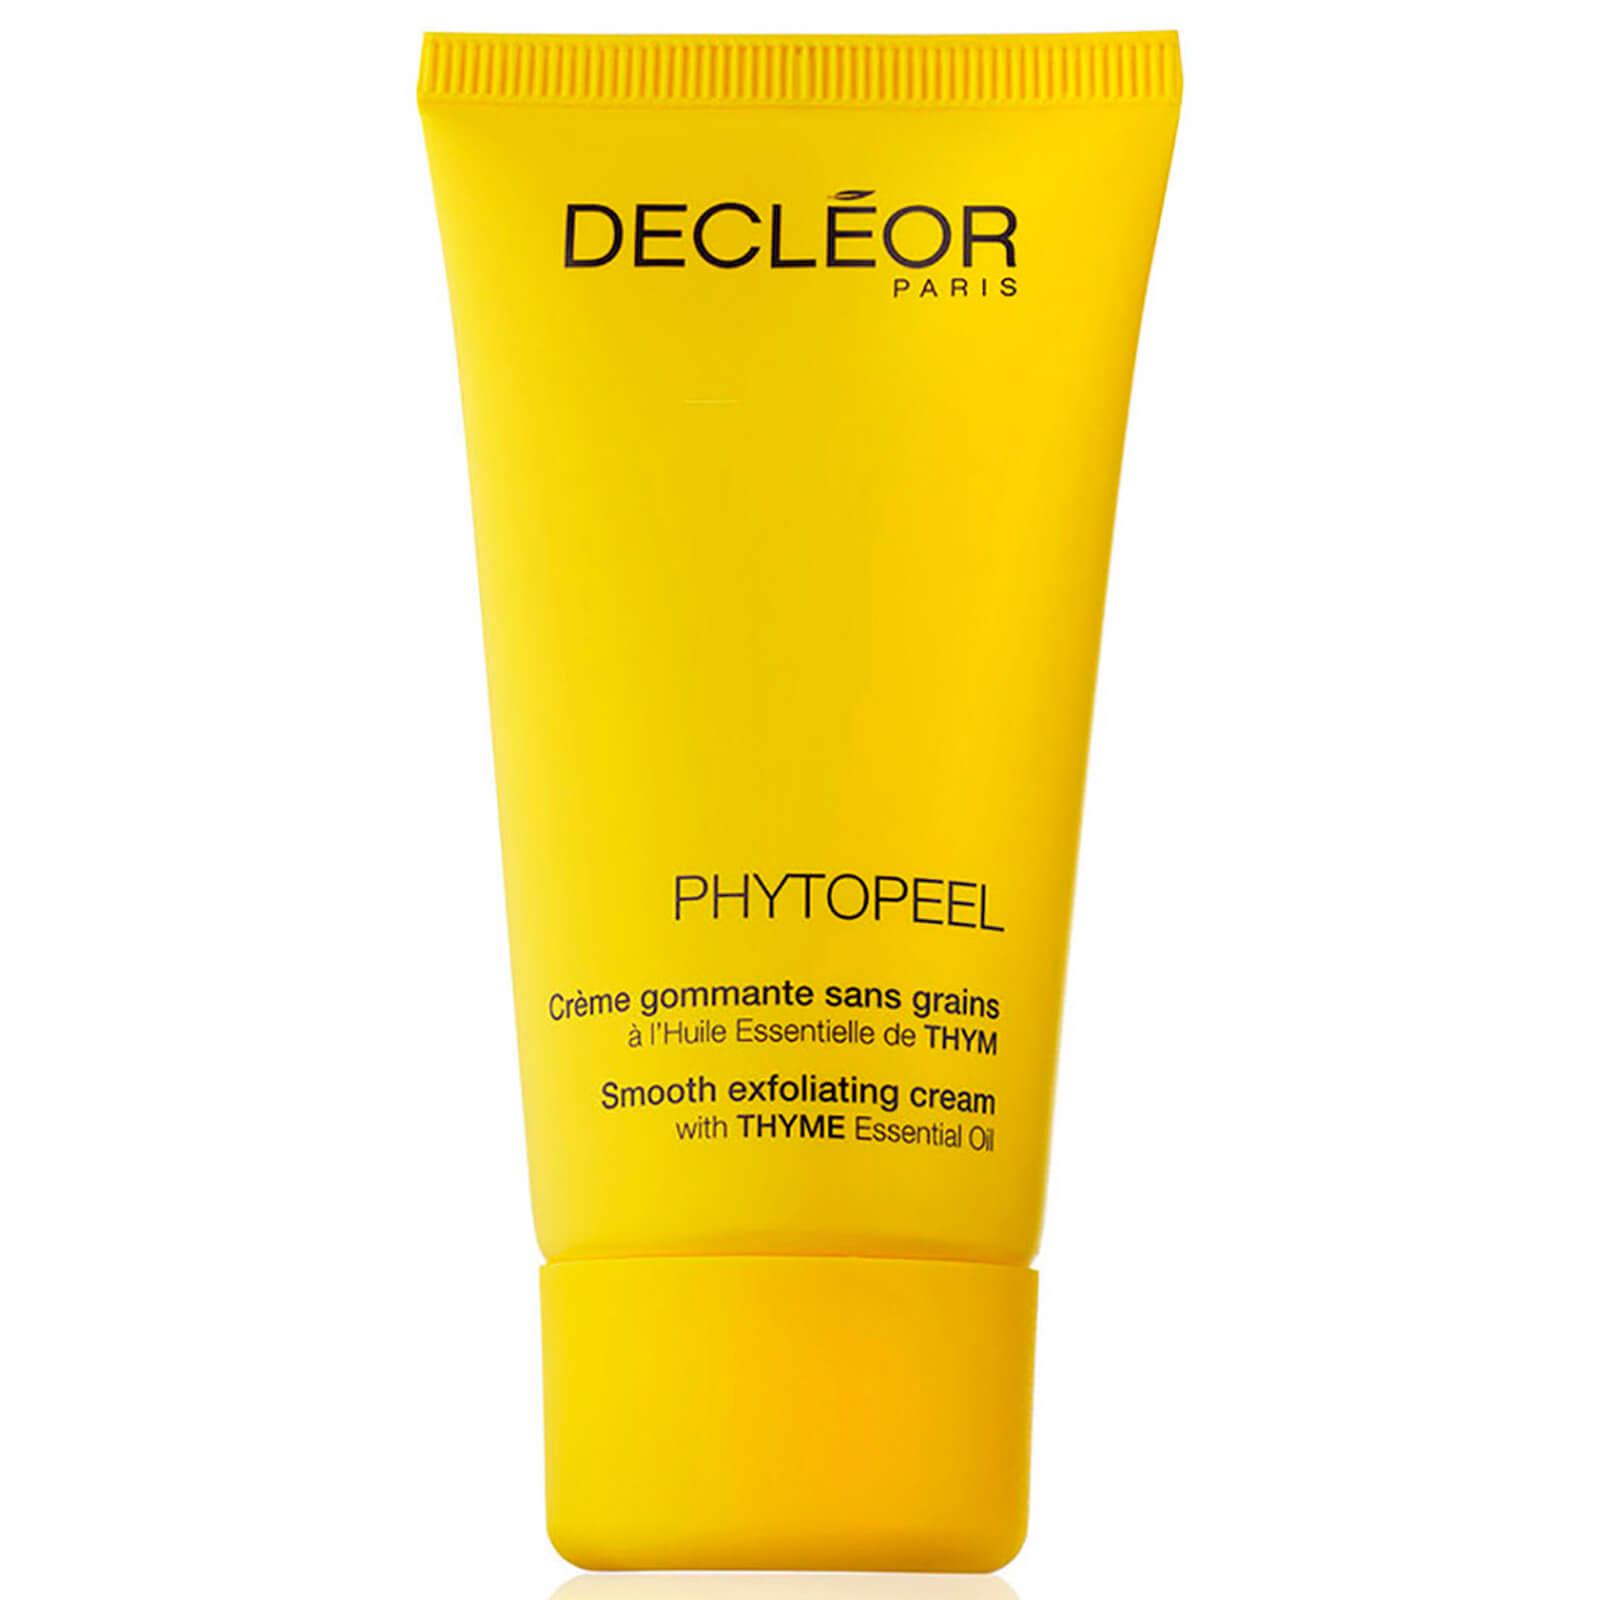 DECLÉOR Phytopeel Exfoliating Cream